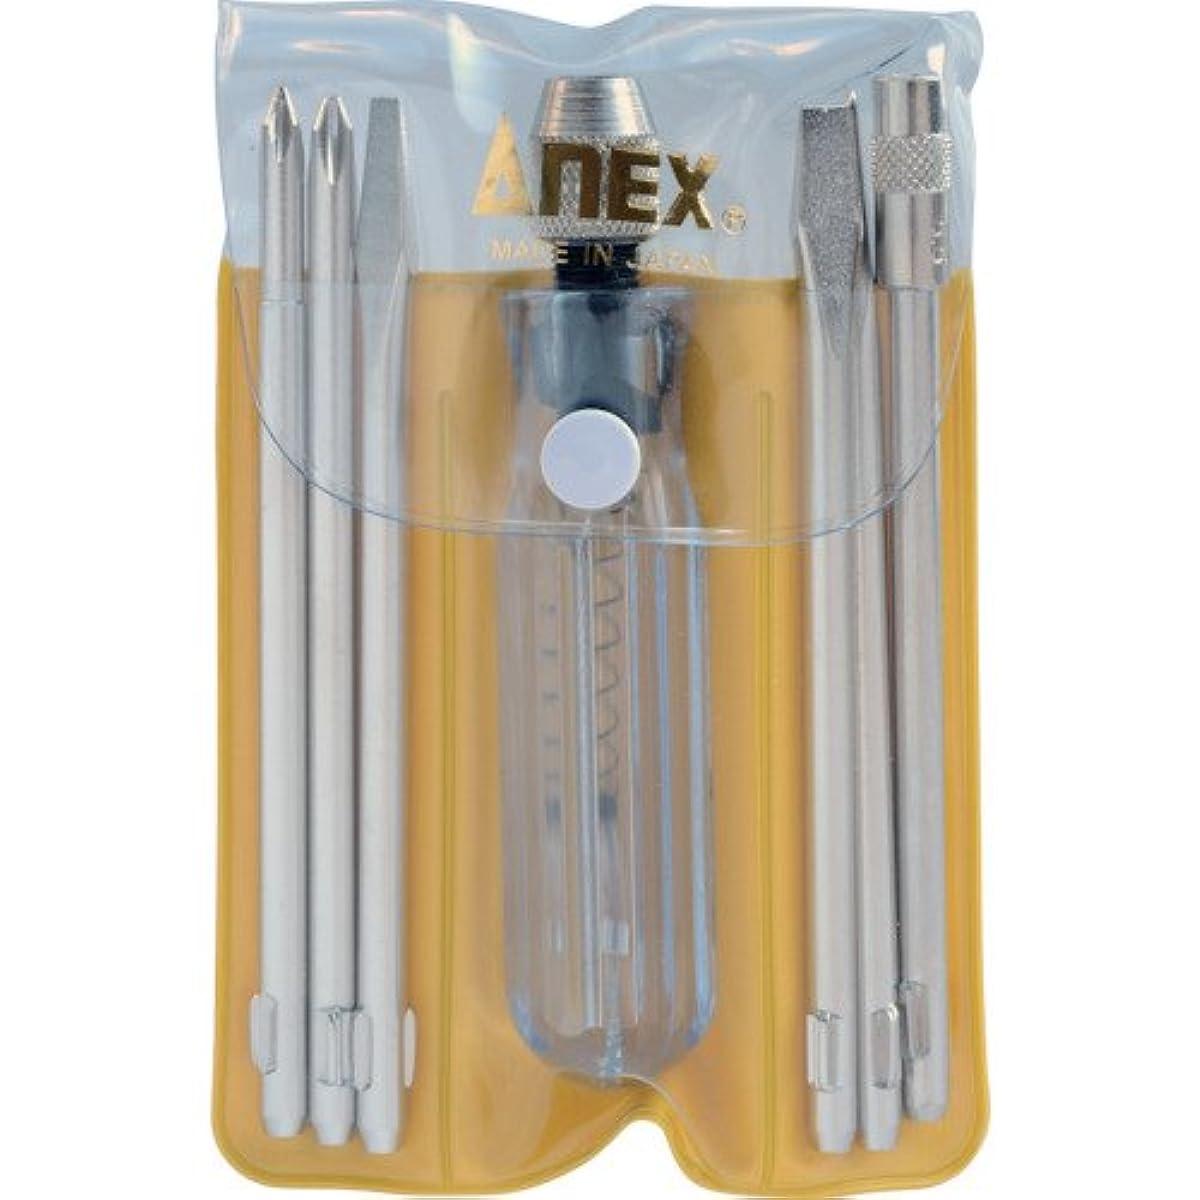 宿る汚物勇気のあるアネックス(ANEX) 検電ドライバーセット 低圧 ブリスターパック 6本組 No.1095-L